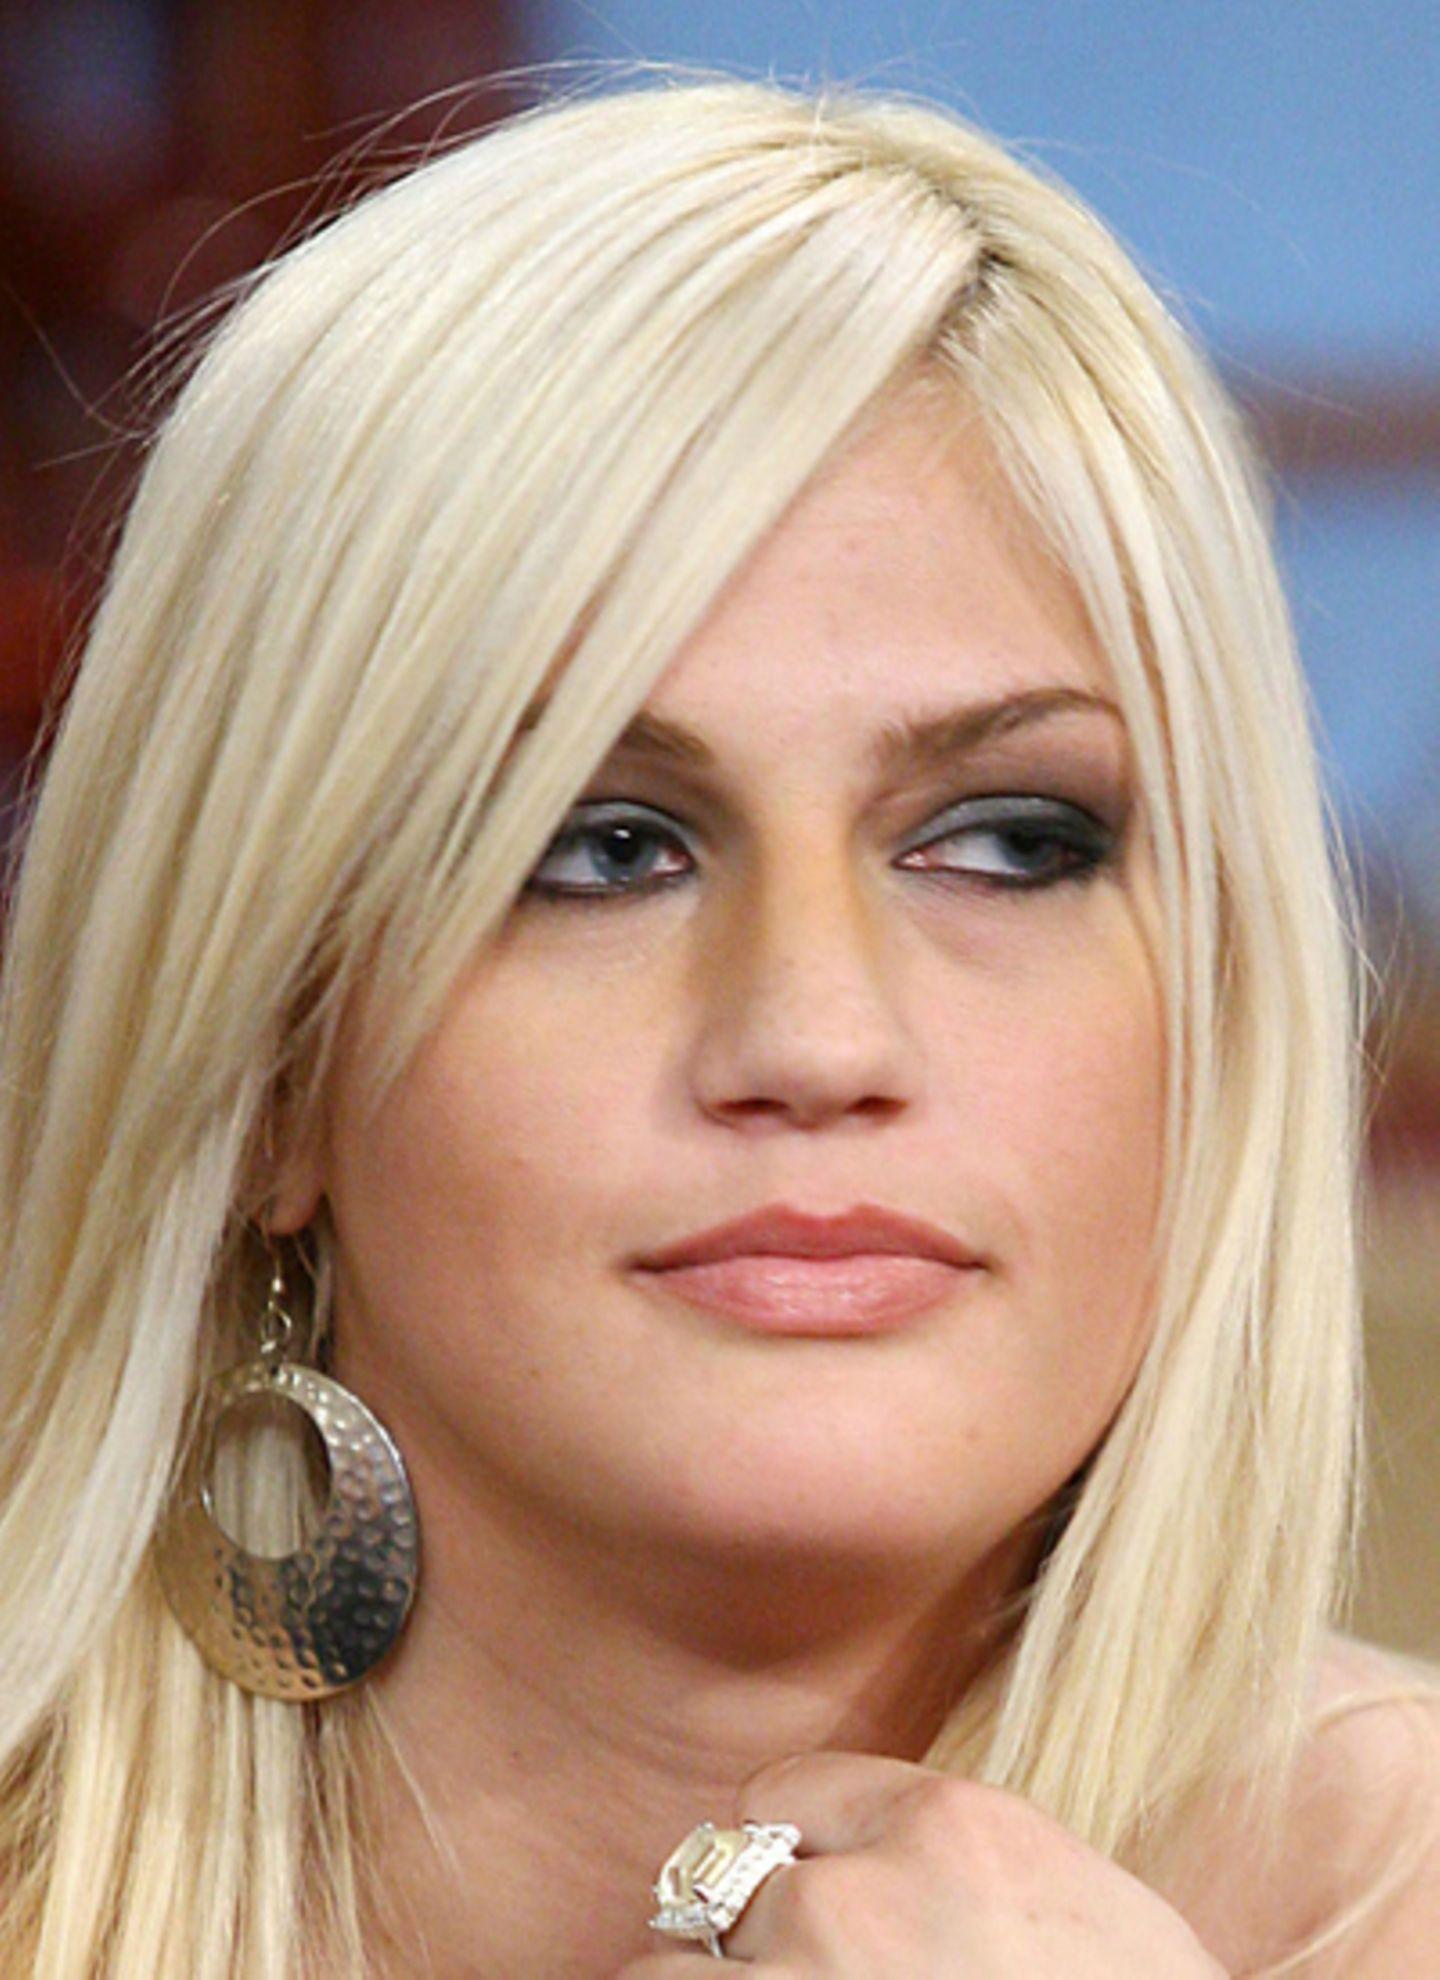 31. Januar 2012: Leslie Carter, Schwester von Nick und Aaron Carter, stirbt im Alter von 25 Jahren.